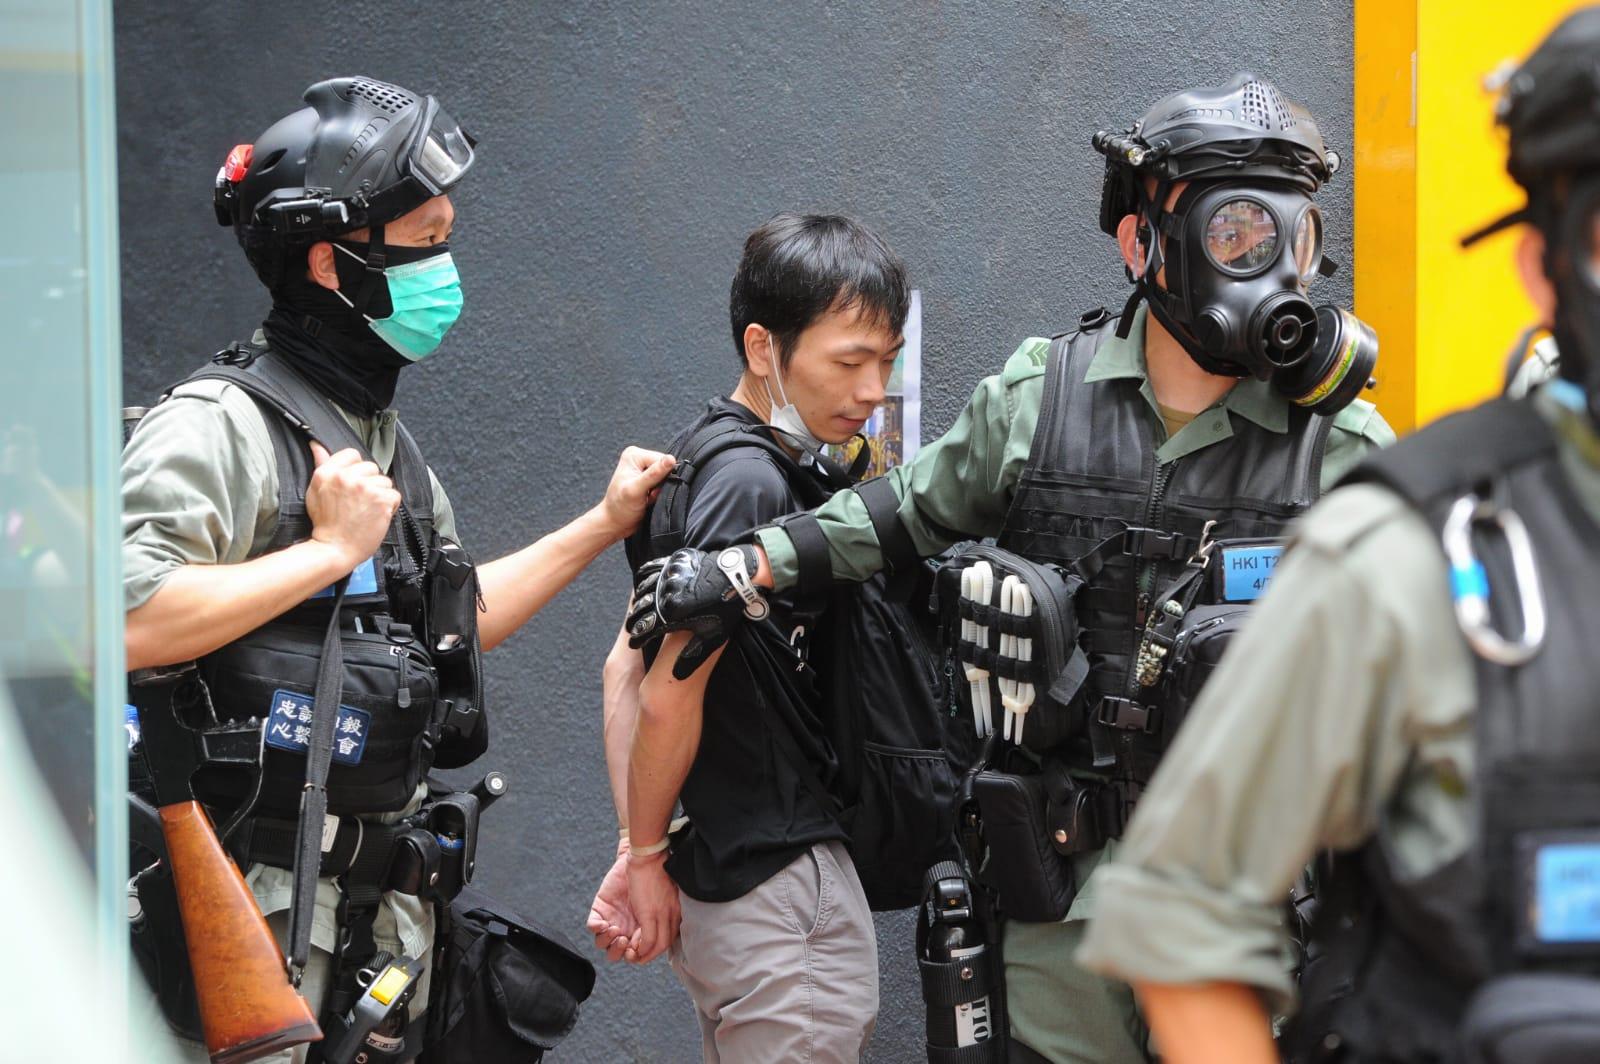 香港市民湧現銅鑼灣,高喊「天滅中共」。警員在場截查多名市民,搜查他們隨身物品。(攝影:阿敏/大紀元)